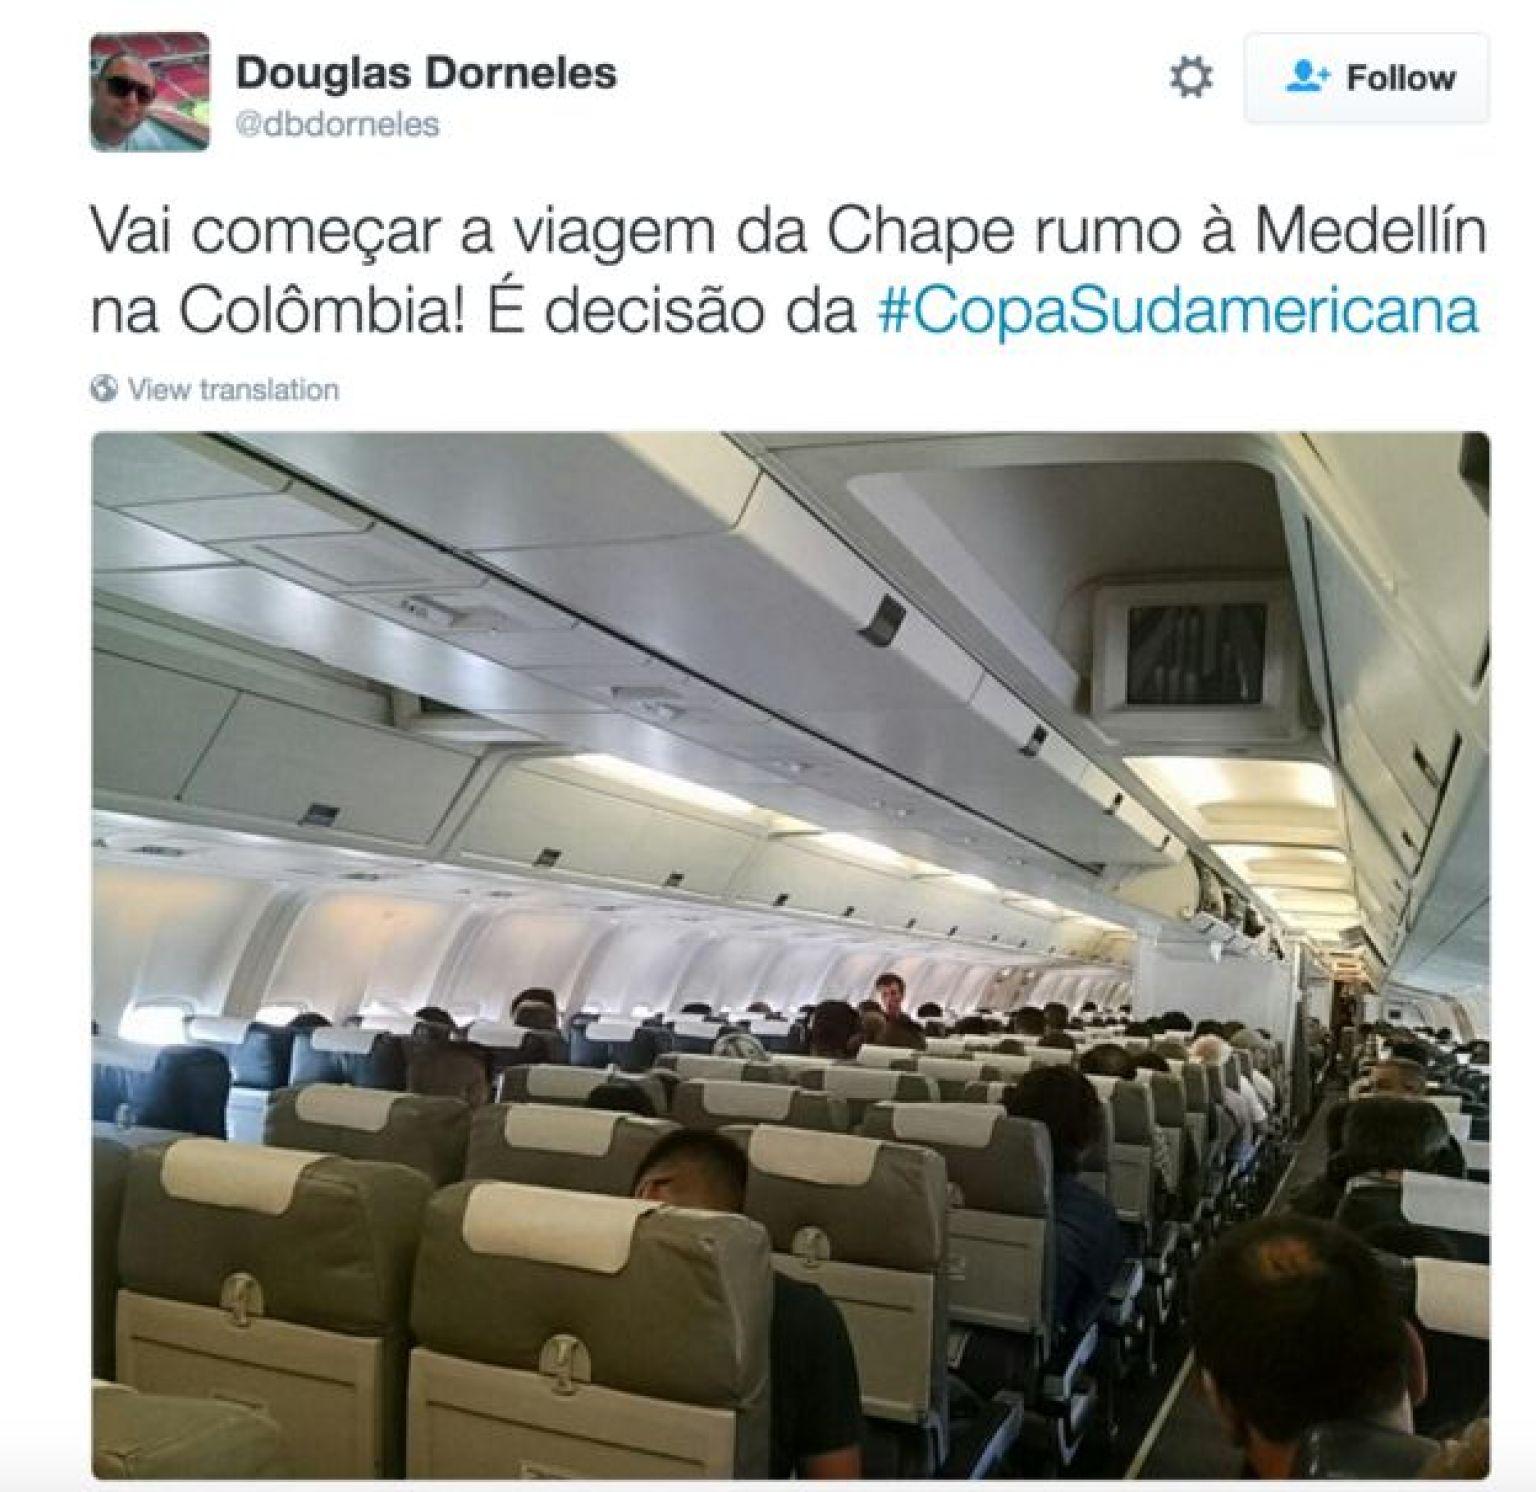 Twitter/Douglas Dorneles